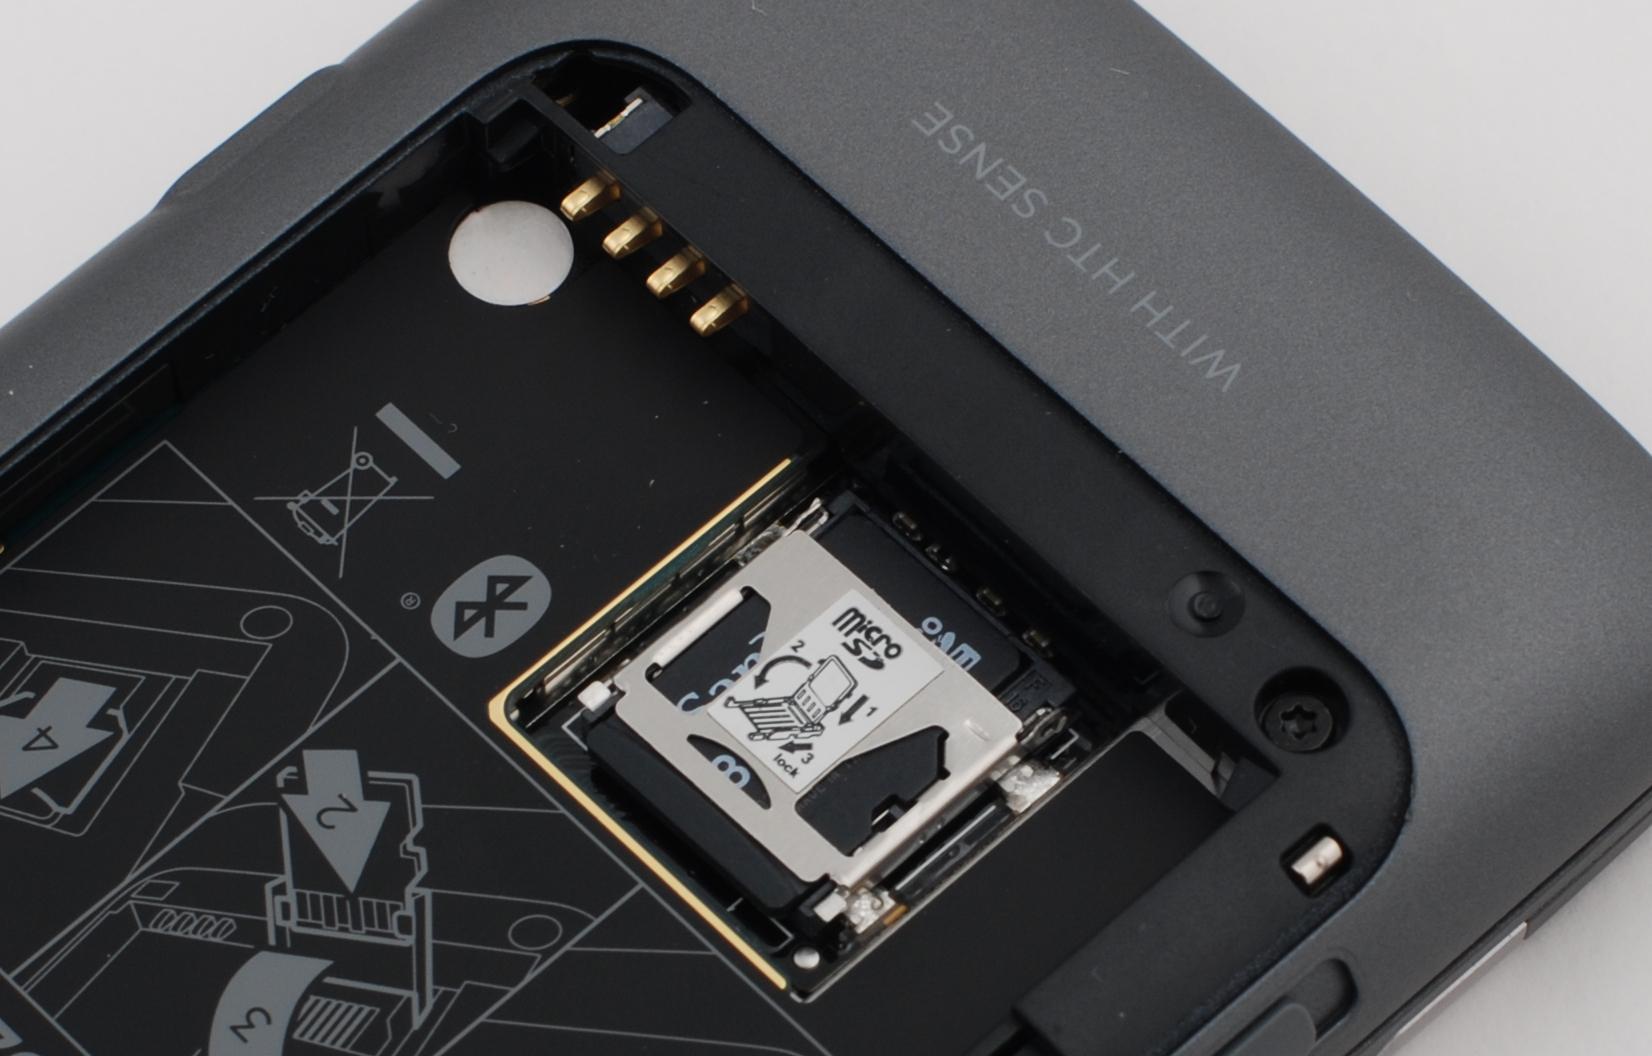 Minnekortet er plassert i en knotete holder, som er gjemt bak batteriet.